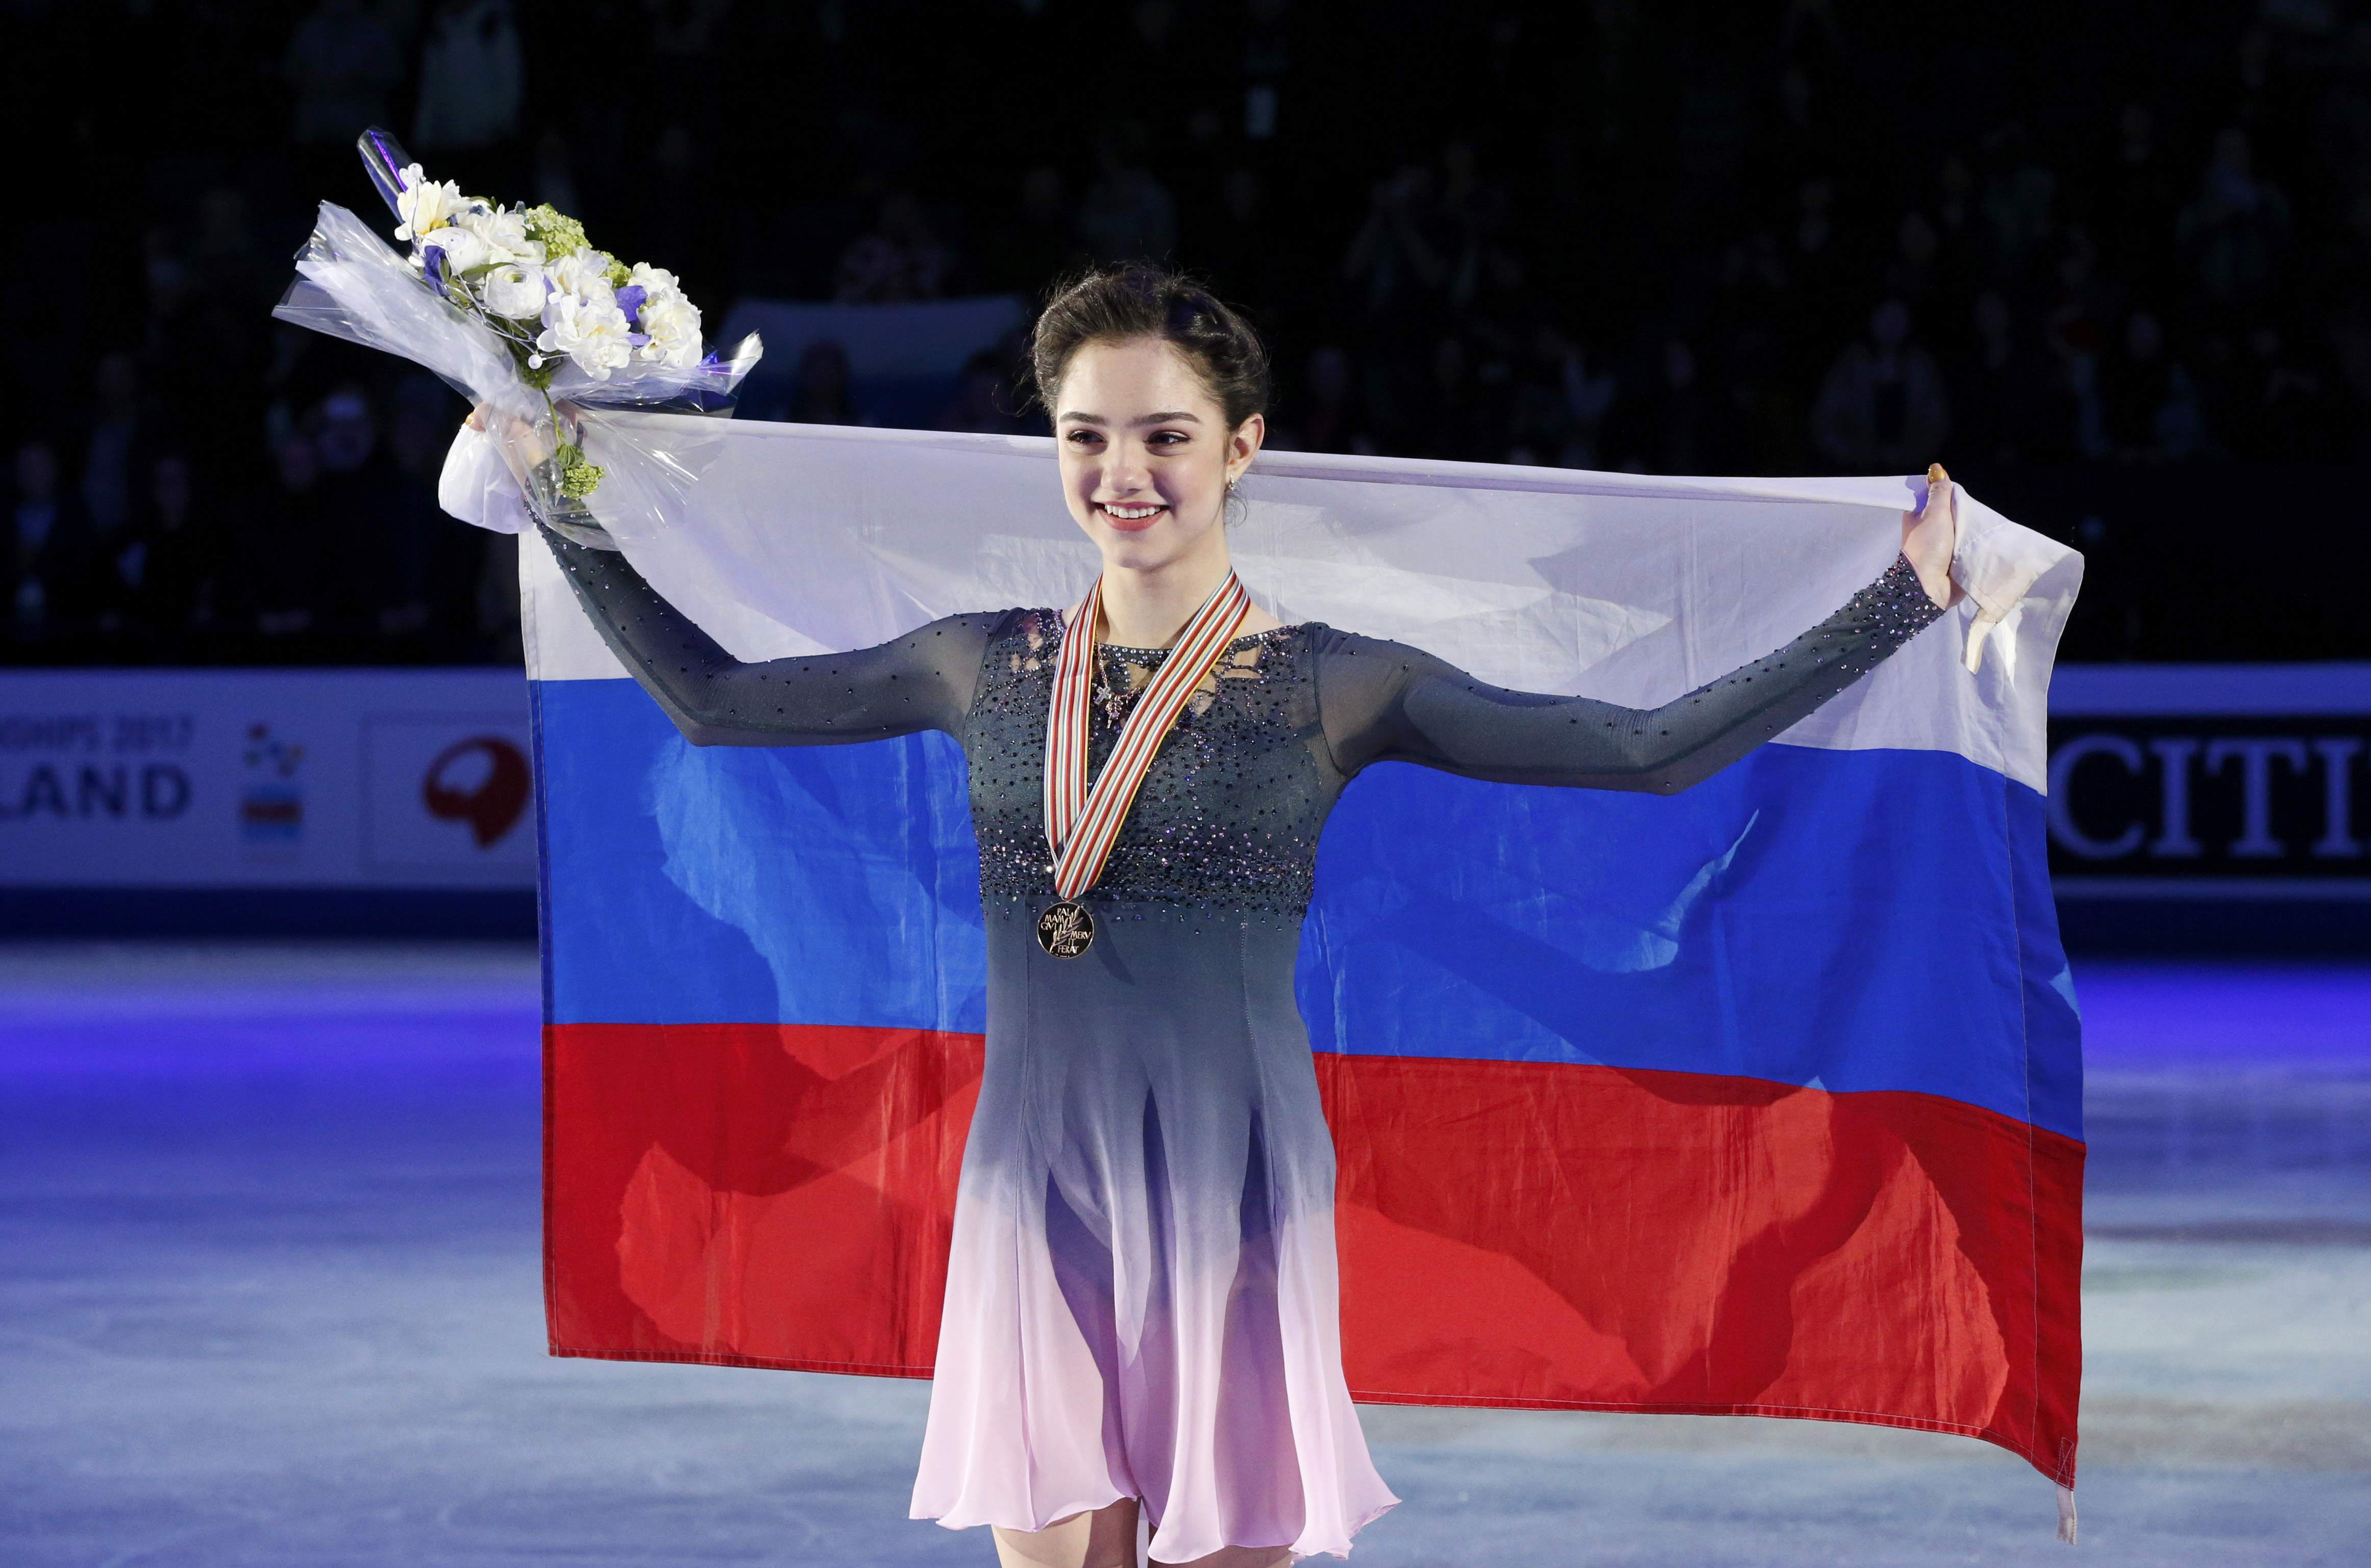 евгения медведева олимпиада 2018